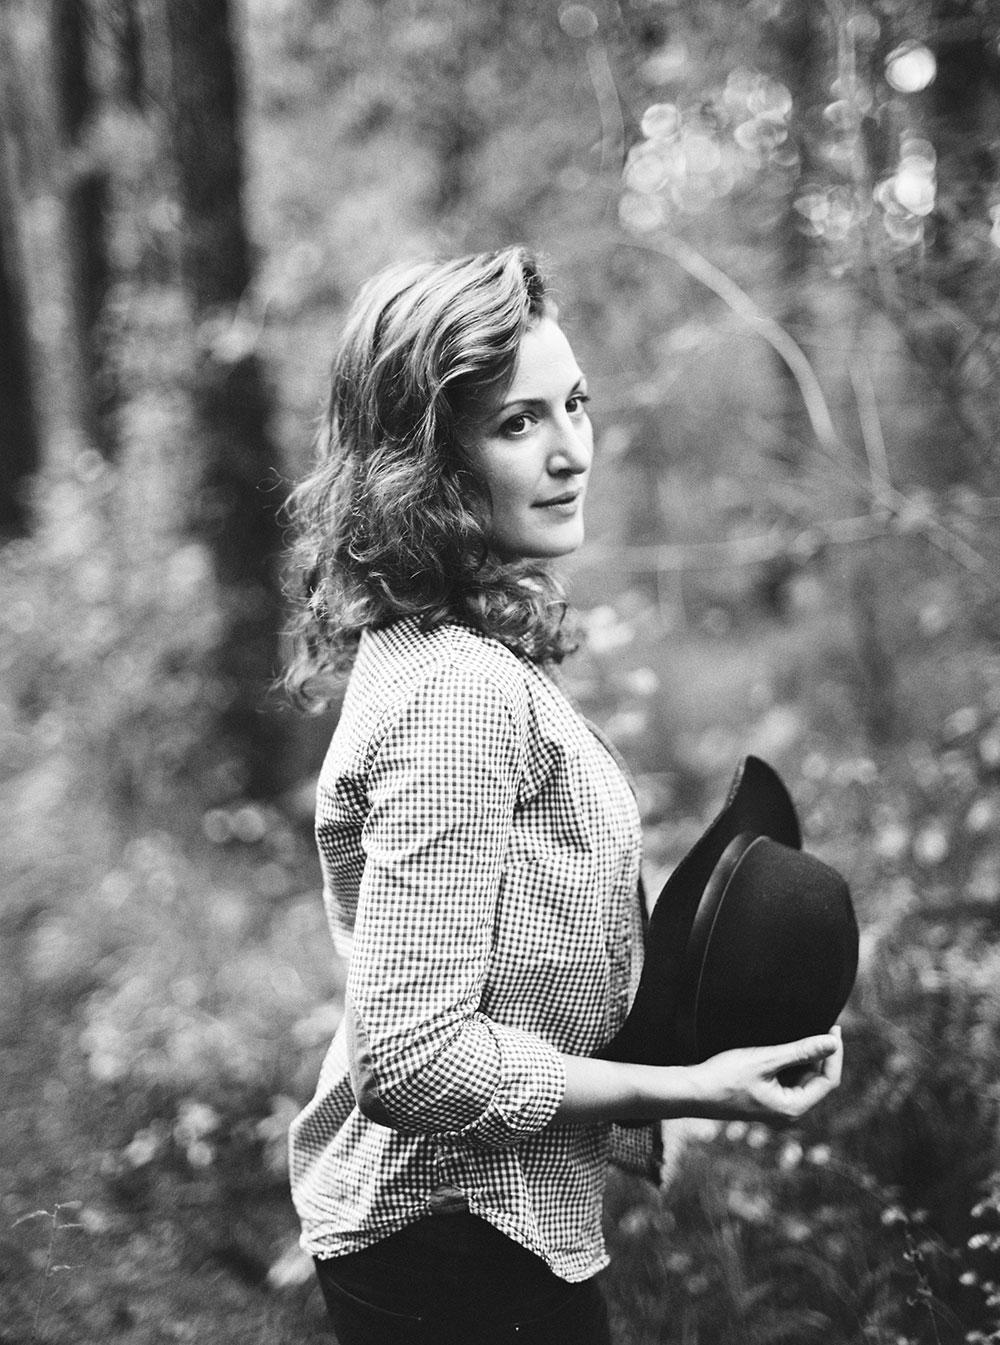 Blanccoco_photographe_Marion_Heurteboust_TriX_film_portrait_19